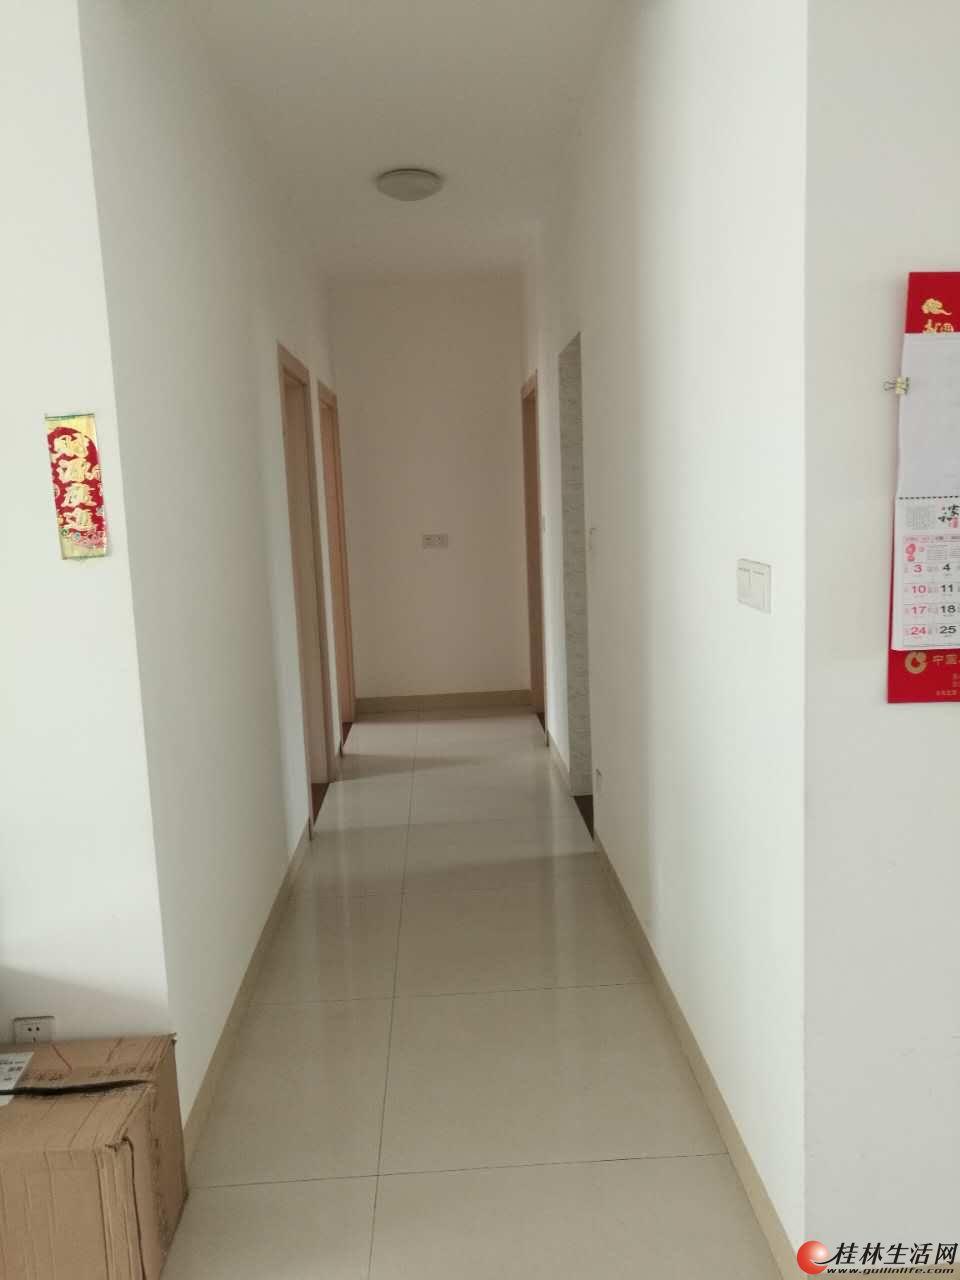 建设路地税局宿舍6楼120平米租金1300元非中介